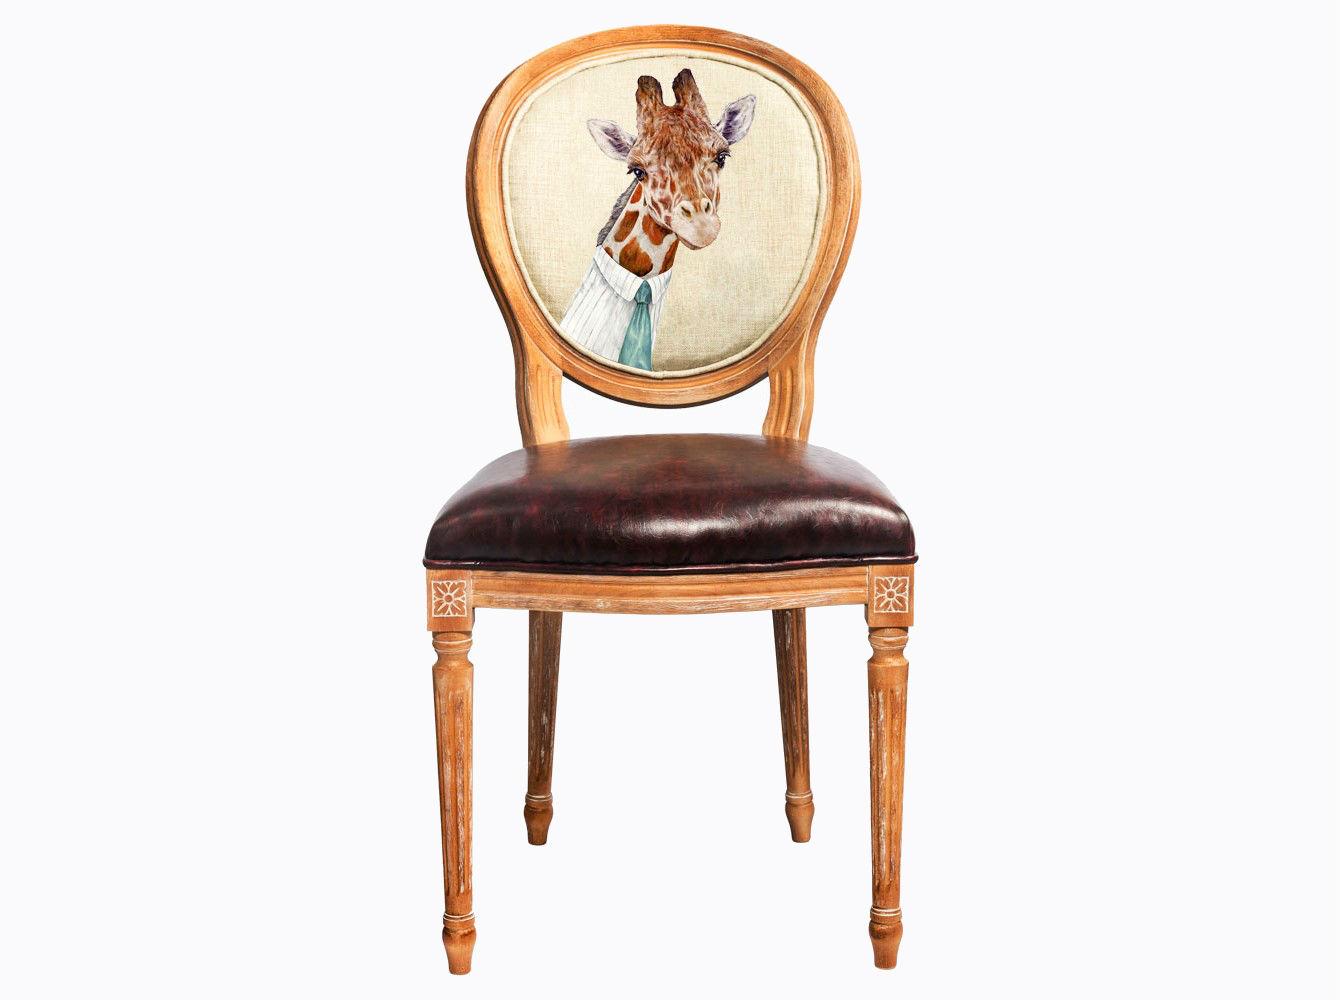 Стул «Мистер Сафари»Обеденные стулья<br>&amp;lt;div&amp;gt;Стул &amp;quot;Мистер Сафари&amp;quot; - интерьерный экспонат, достойный моментального восторга и страсти к коллекционированию. Густой шоколад сиденья заигрывает с натурально-светлым льном спинки, а благородный дворцовый корпус - с рисунком в жанре ультрамодного фэнтези.&amp;lt;/div&amp;gt;&amp;lt;div&amp;gt;Благородная фактура натурального дерева вселяют атмосферу тепла, спокойствия и уюта.&amp;lt;/div&amp;gt;&amp;lt;div&amp;gt;Стулья с овальными спинками - закон симметричной гармонии окружающего пространства.&amp;amp;nbsp;&amp;lt;/div&amp;gt;&amp;lt;div&amp;gt;&amp;lt;br&amp;gt;&amp;lt;/div&amp;gt;&amp;lt;div&amp;gt;Корпус стула изготовлен из натурального бука.&amp;amp;nbsp;&amp;lt;/div&amp;gt;Материал: бук, экокожа, лен, хлопок&amp;lt;div&amp;gt;&amp;lt;br&amp;gt;&amp;lt;div&amp;gt;&amp;lt;iframe width=&amp;quot;530&amp;quot; height=&amp;quot;315&amp;quot; src=&amp;quot;https://www.youtube.com/embed/3vitXSFtUrE&amp;quot; frameborder=&amp;quot;0&amp;quot; allowfullscreen=&amp;quot;&amp;quot;&amp;gt;&amp;lt;/iframe&amp;gt;&amp;lt;/div&amp;gt;&amp;lt;/div&amp;gt;<br><br>Material: Дерево<br>Ширина см: 50.0<br>Высота см: 98.0<br>Глубина см: 47.0